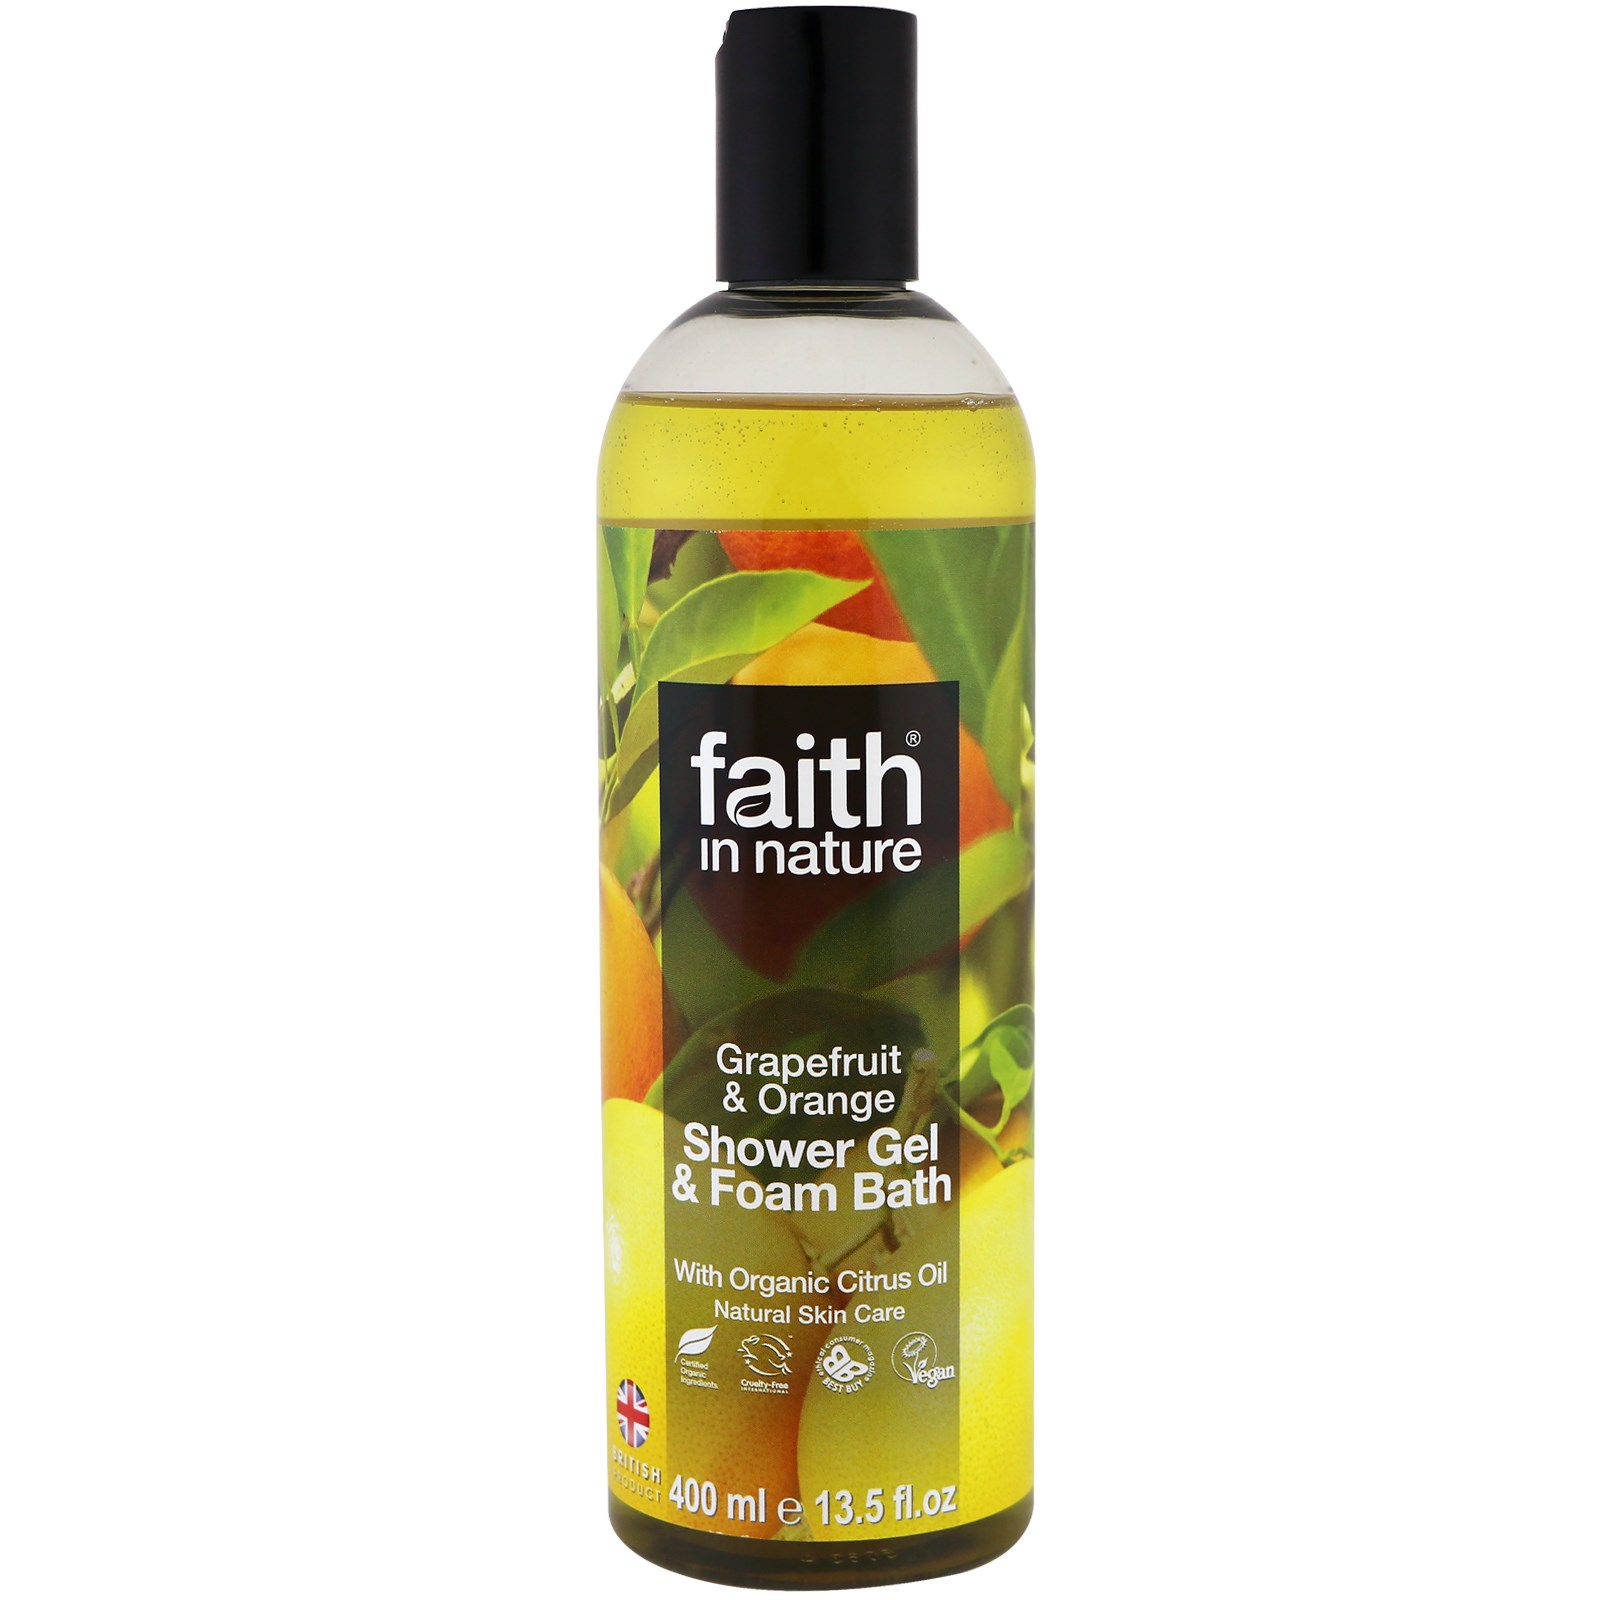 Faith in Nature, Shower Gel & Foam Bath, Grapefruit & Orange, 13.5 fl oz (400 ml)